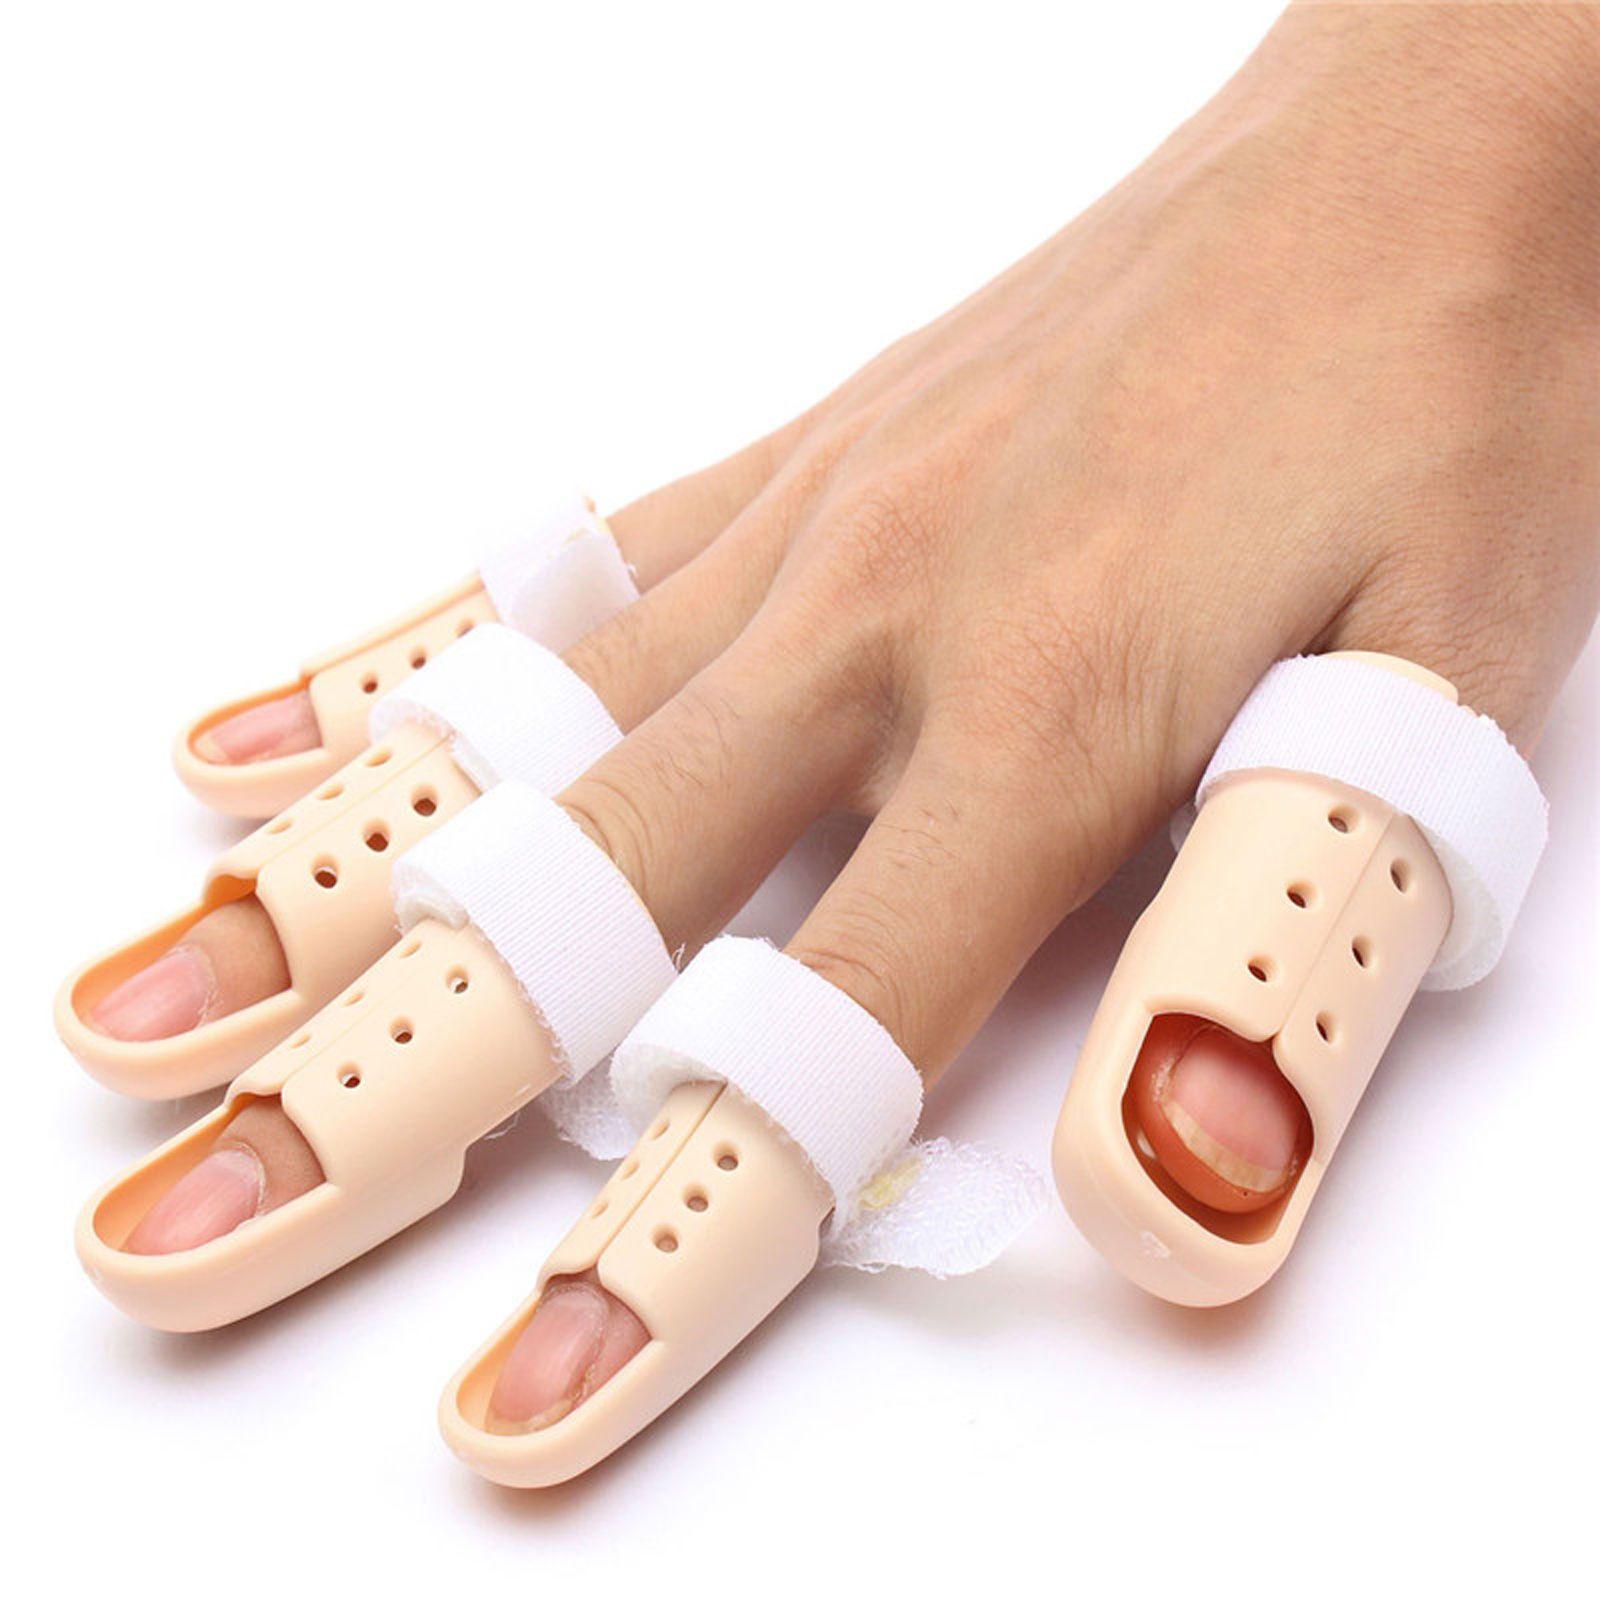 Details about Plastic Mallet Finger Splint DIP Joint ...